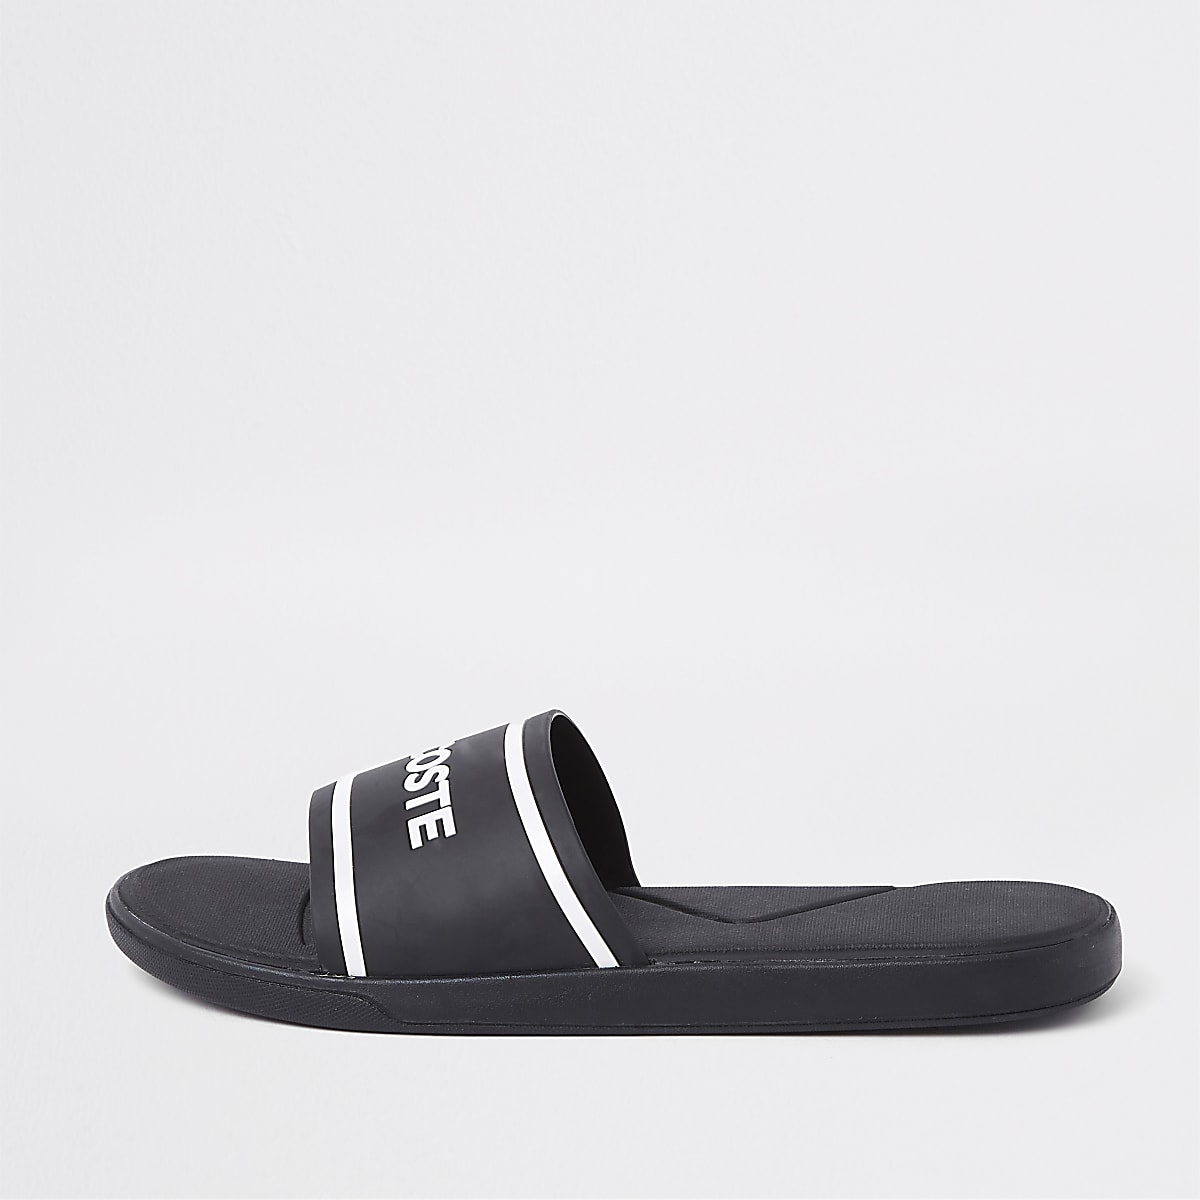 Chaussures Mbt Kabisa H 5 De Marche Pour VjLqUpGSzM